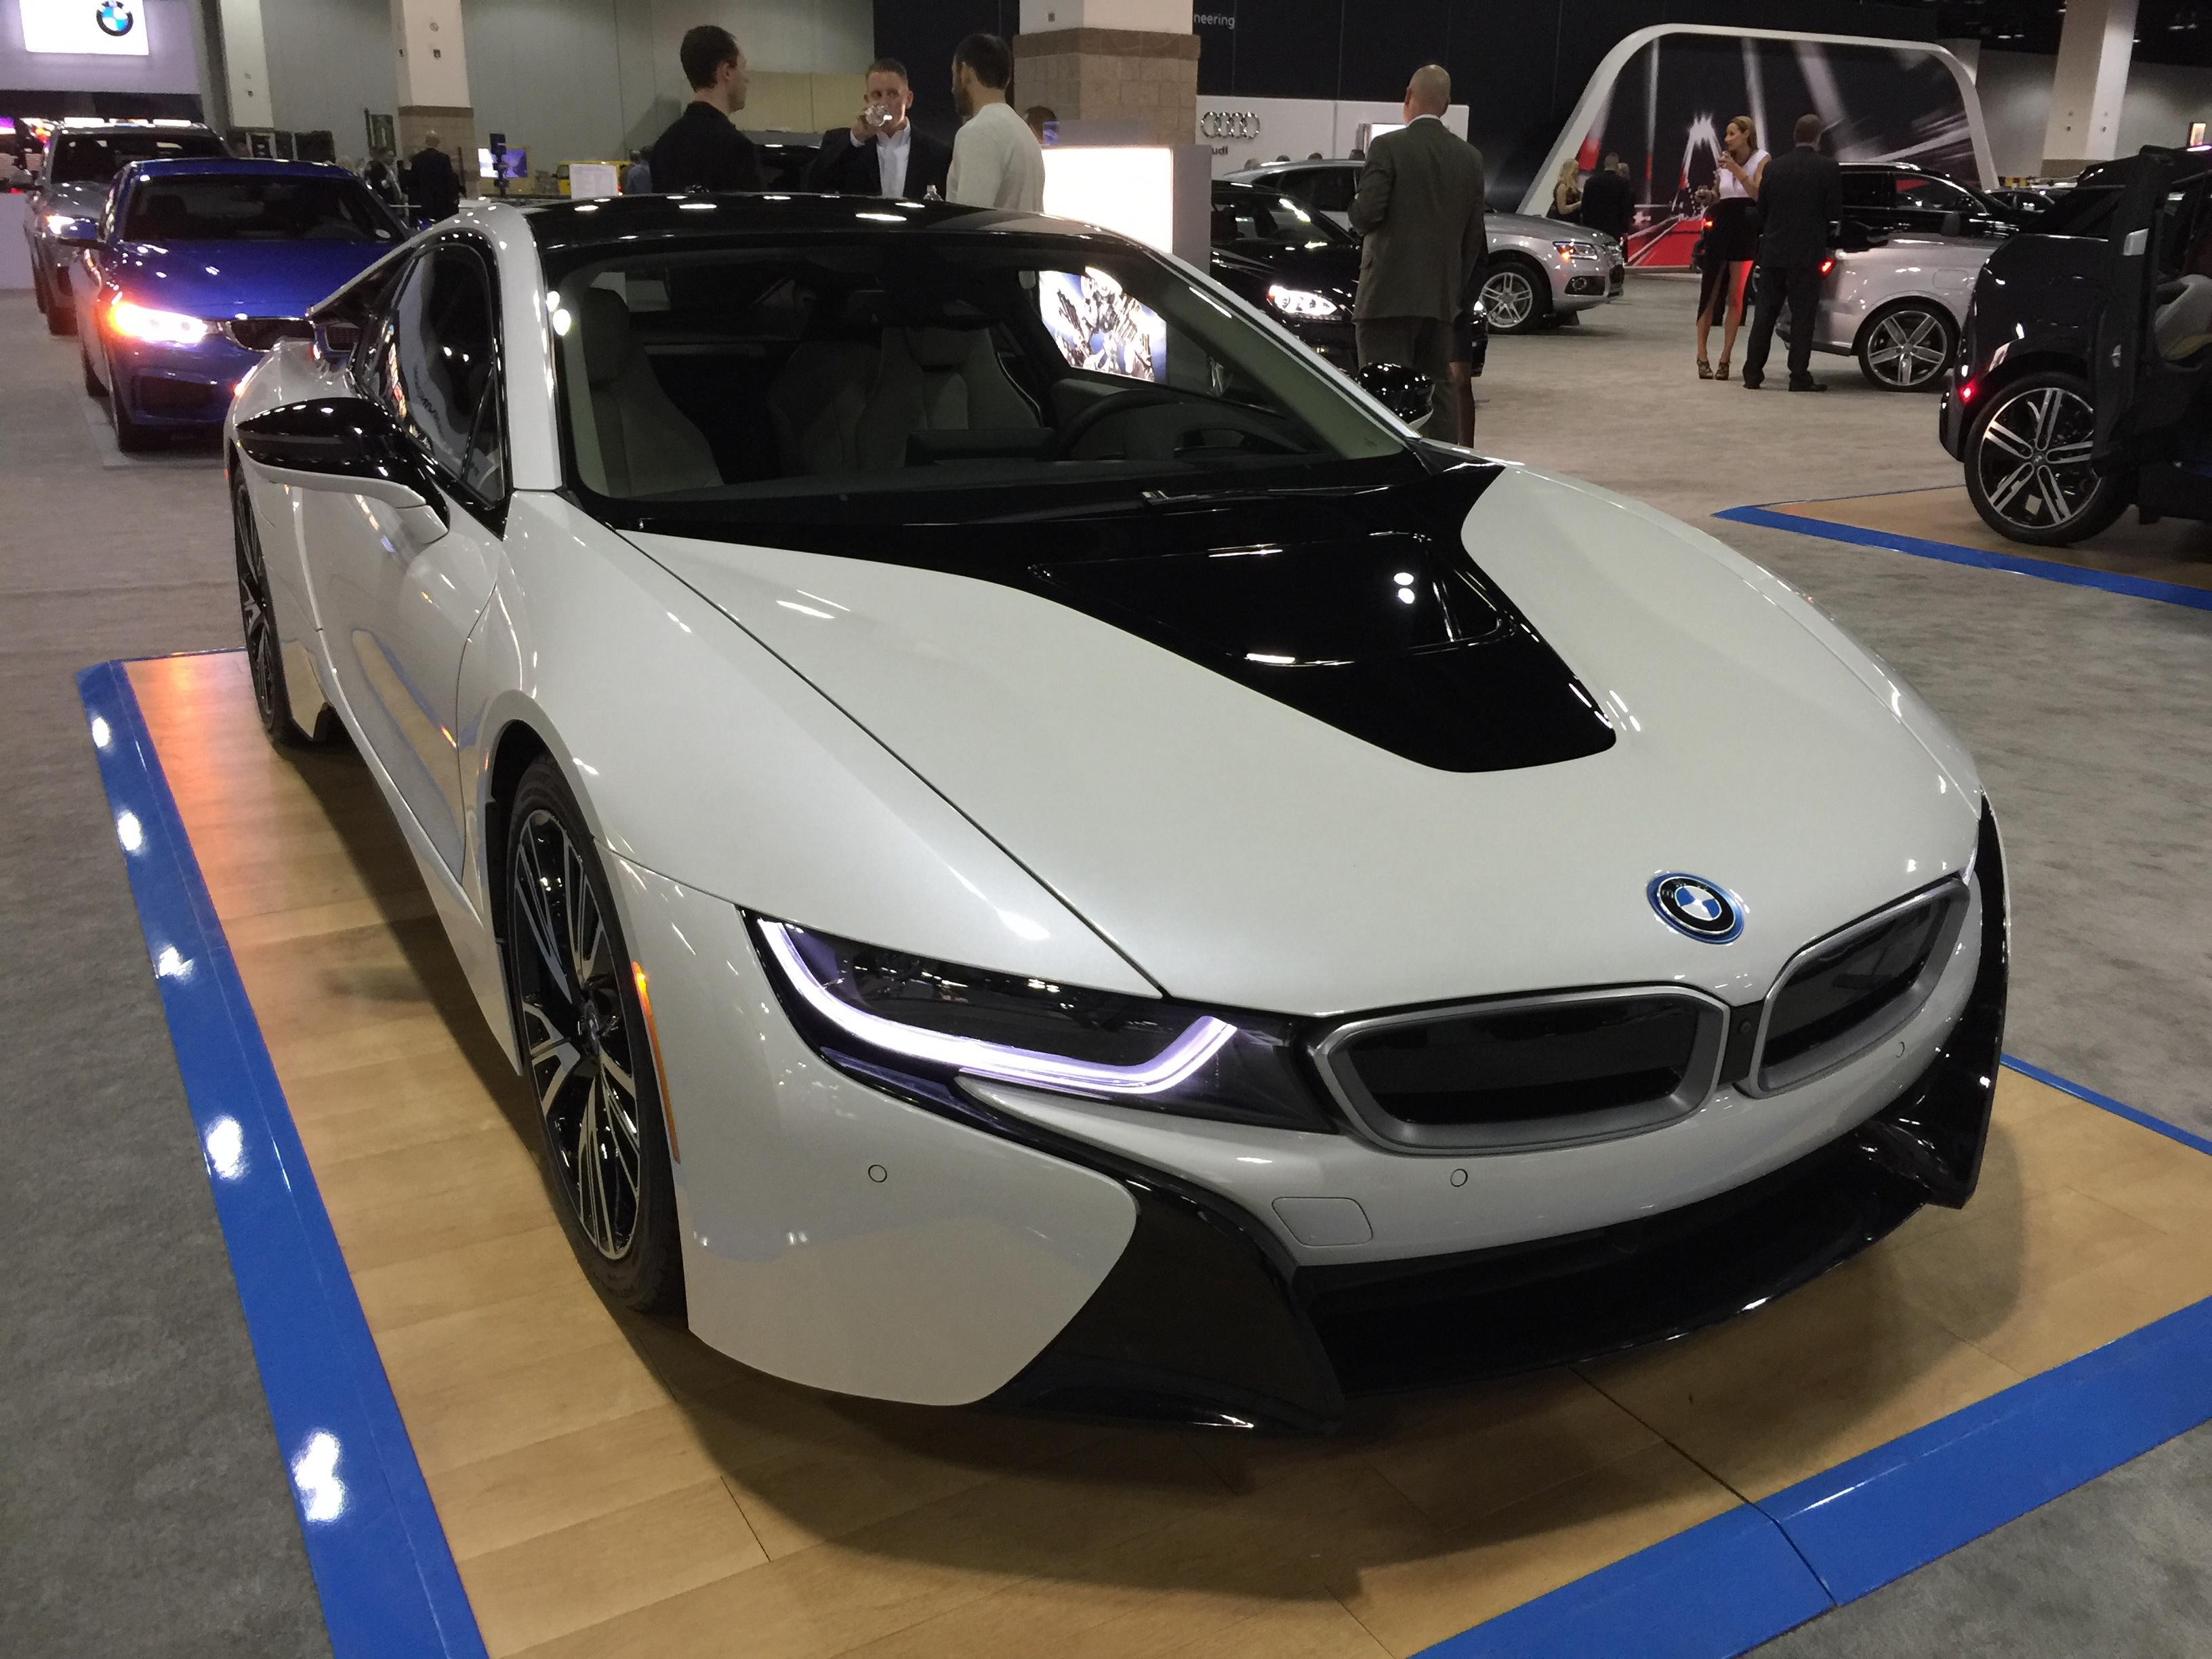 Photo: 2015 Denver Car How BMW i8